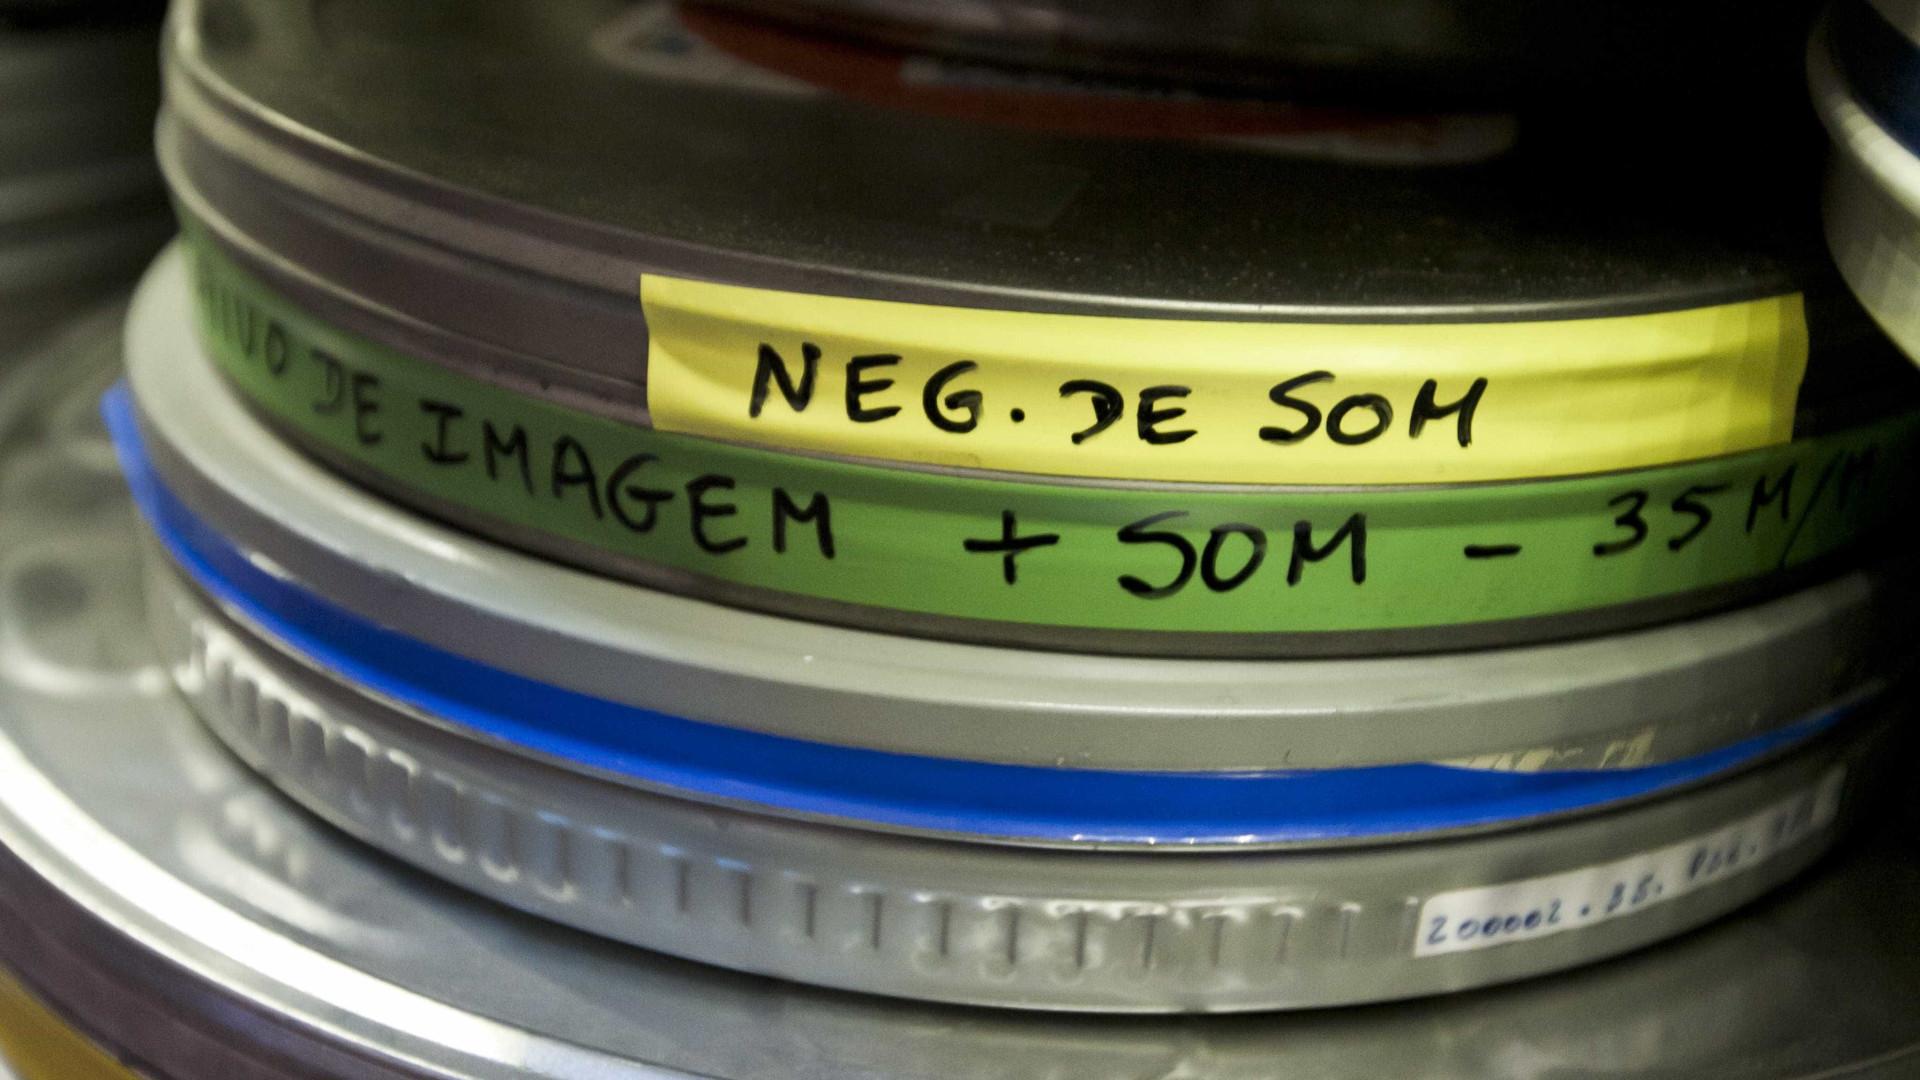 Festivais 'Guiões', 'Arouca Film' e 'Cinanima' com inscrições abertas